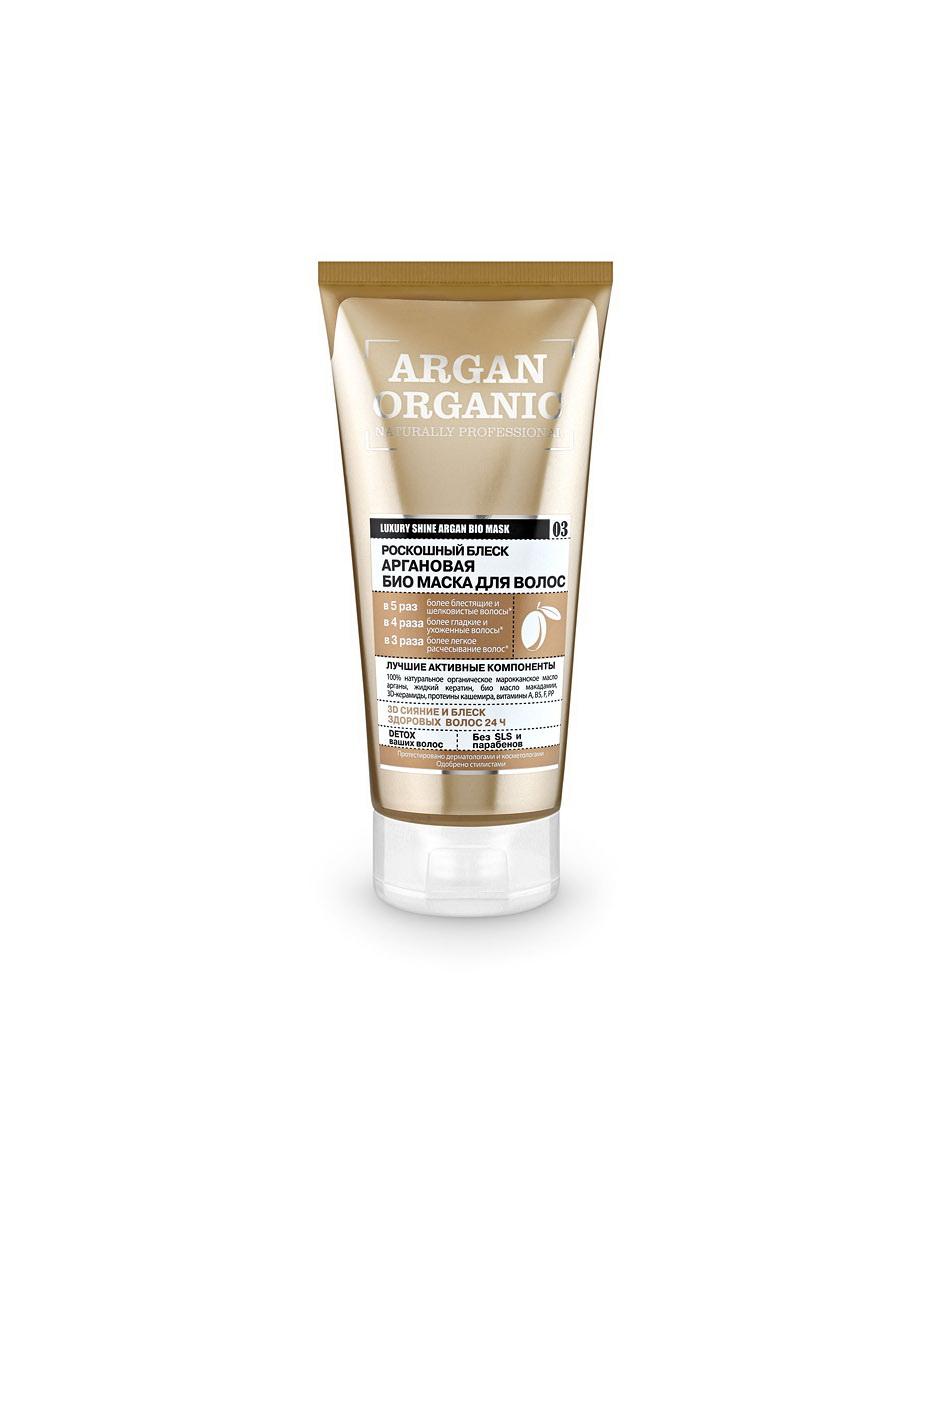 Оrganic Shop Naturally Professional Био-маска для волос Роскошный блеск, аргановая, 200 мл (Organic Shop Naturally professional)